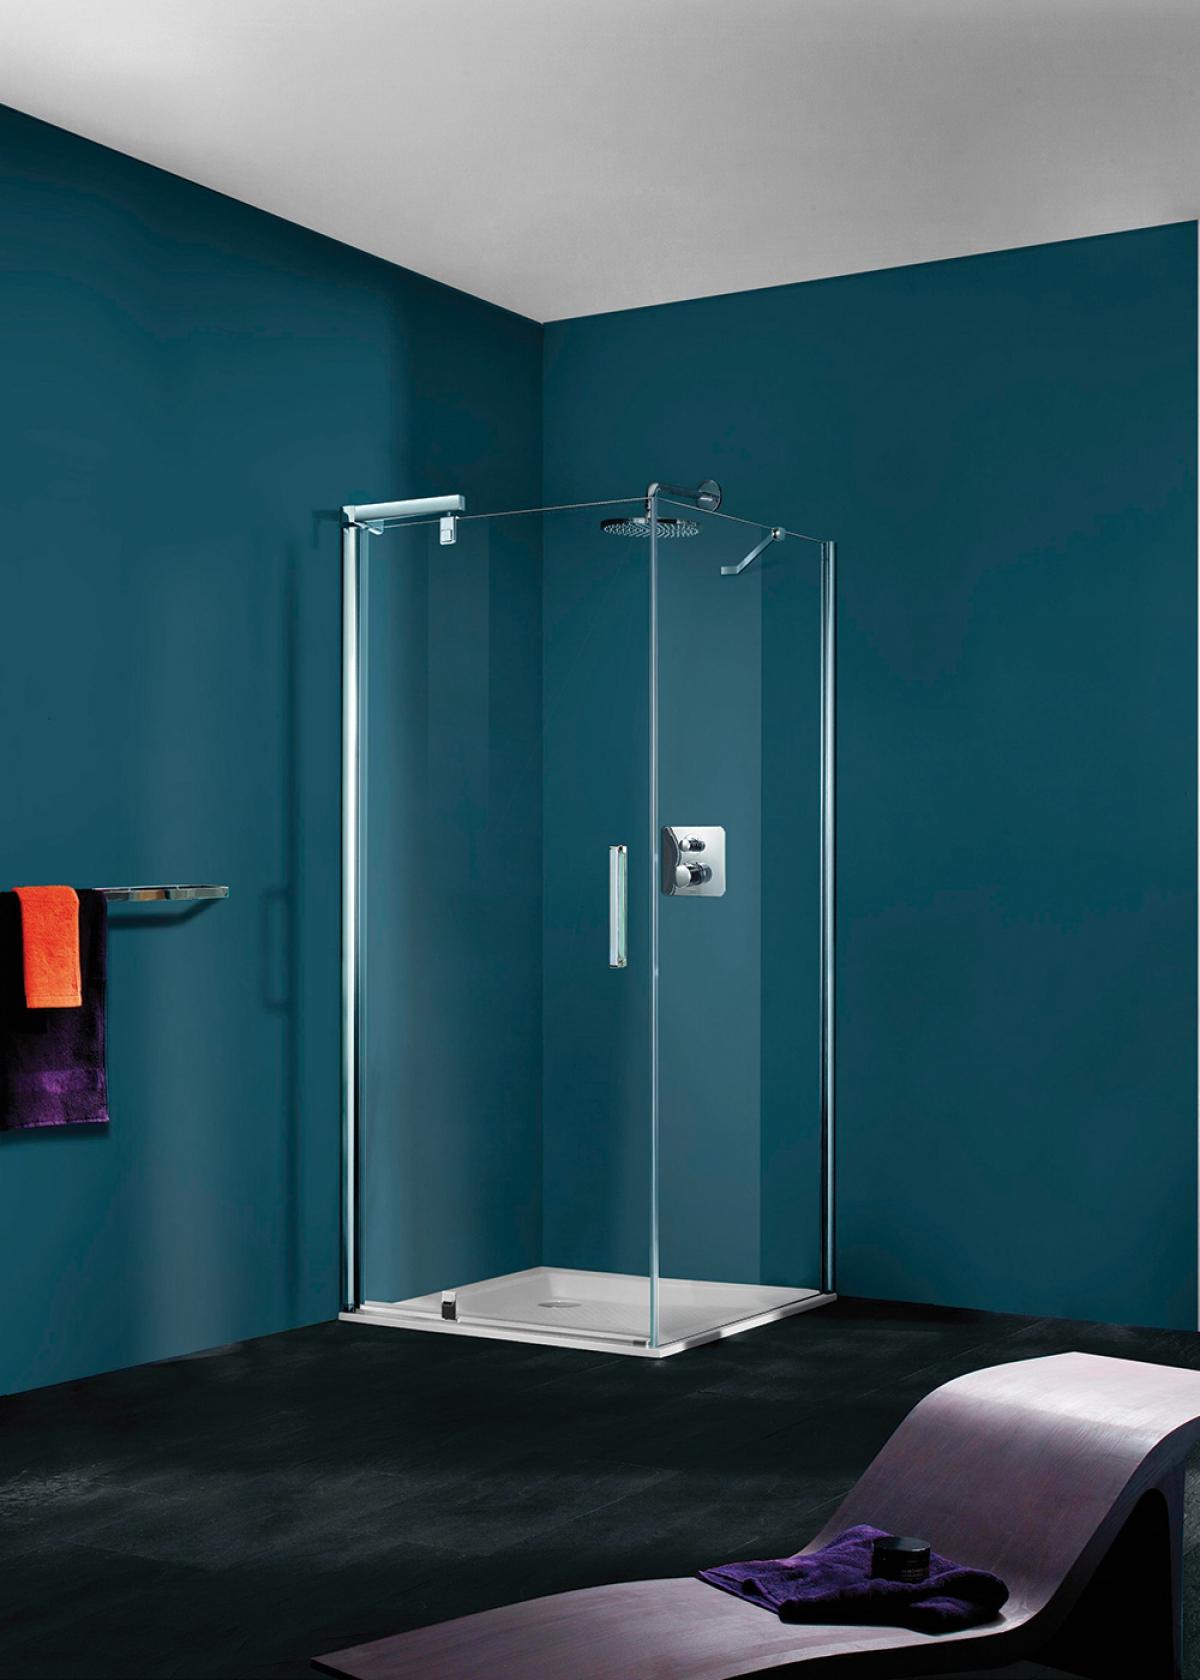 porte et paroi de douche refresh pure huppe induscabel salle de bains chauffage et cuisine. Black Bedroom Furniture Sets. Home Design Ideas